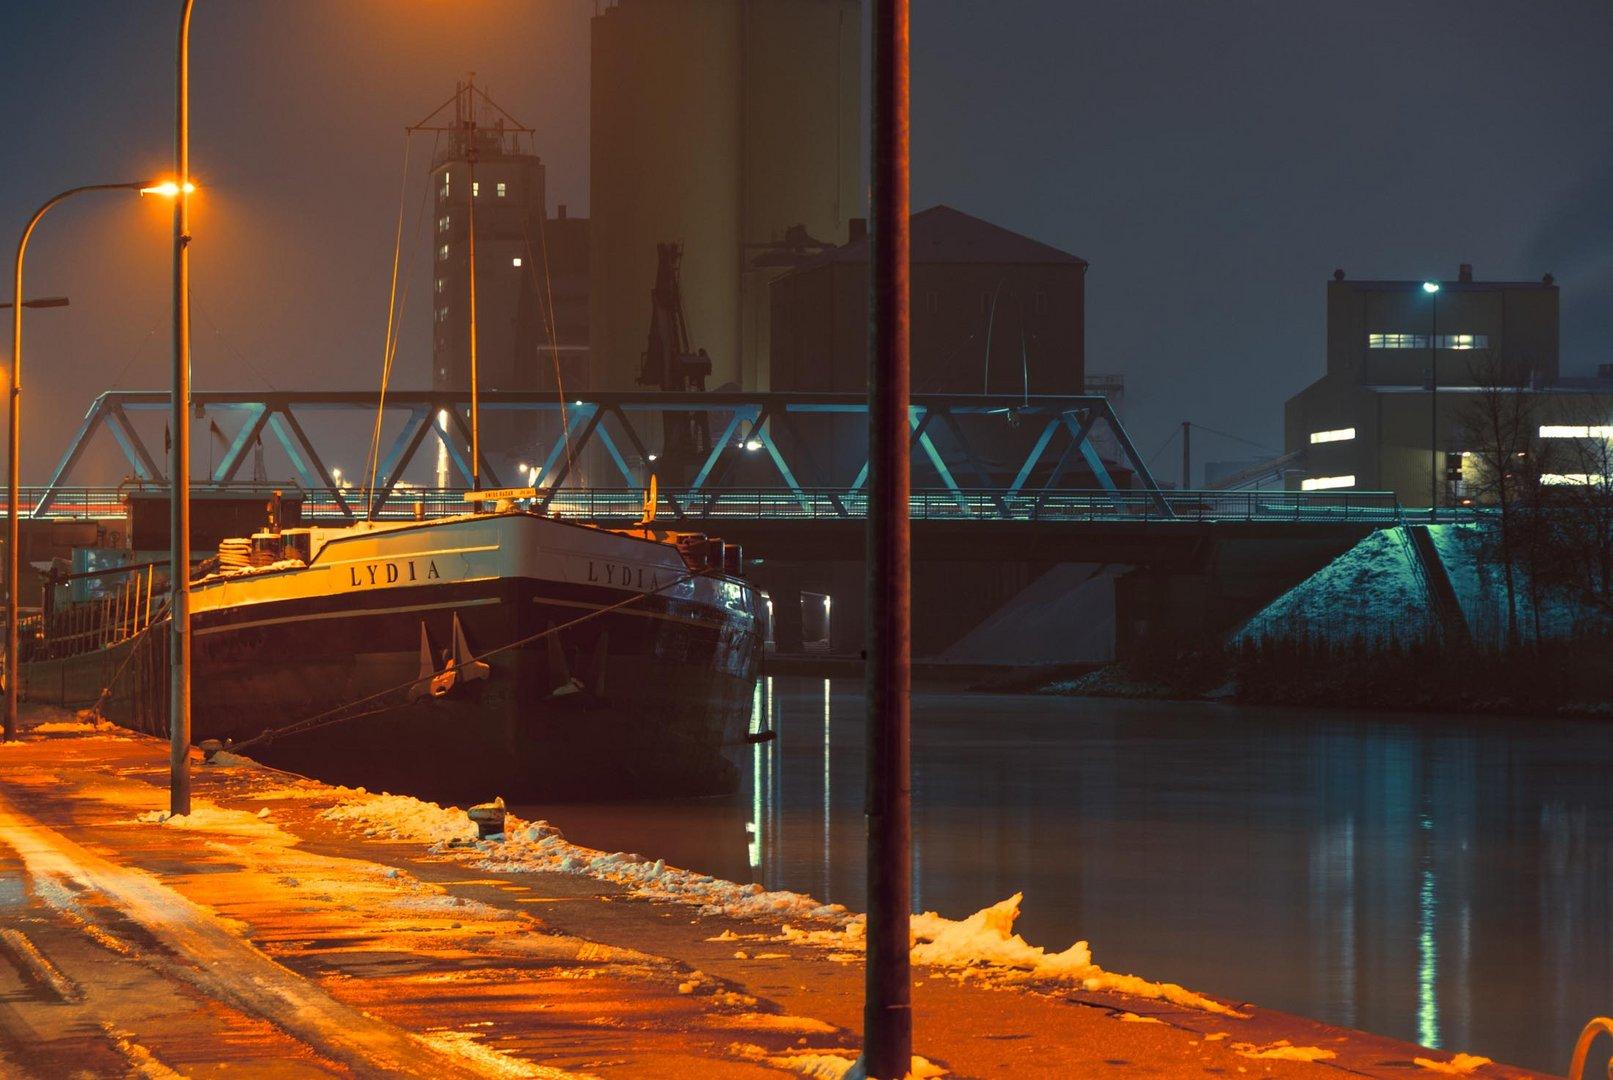 Der Hafen von Hamm